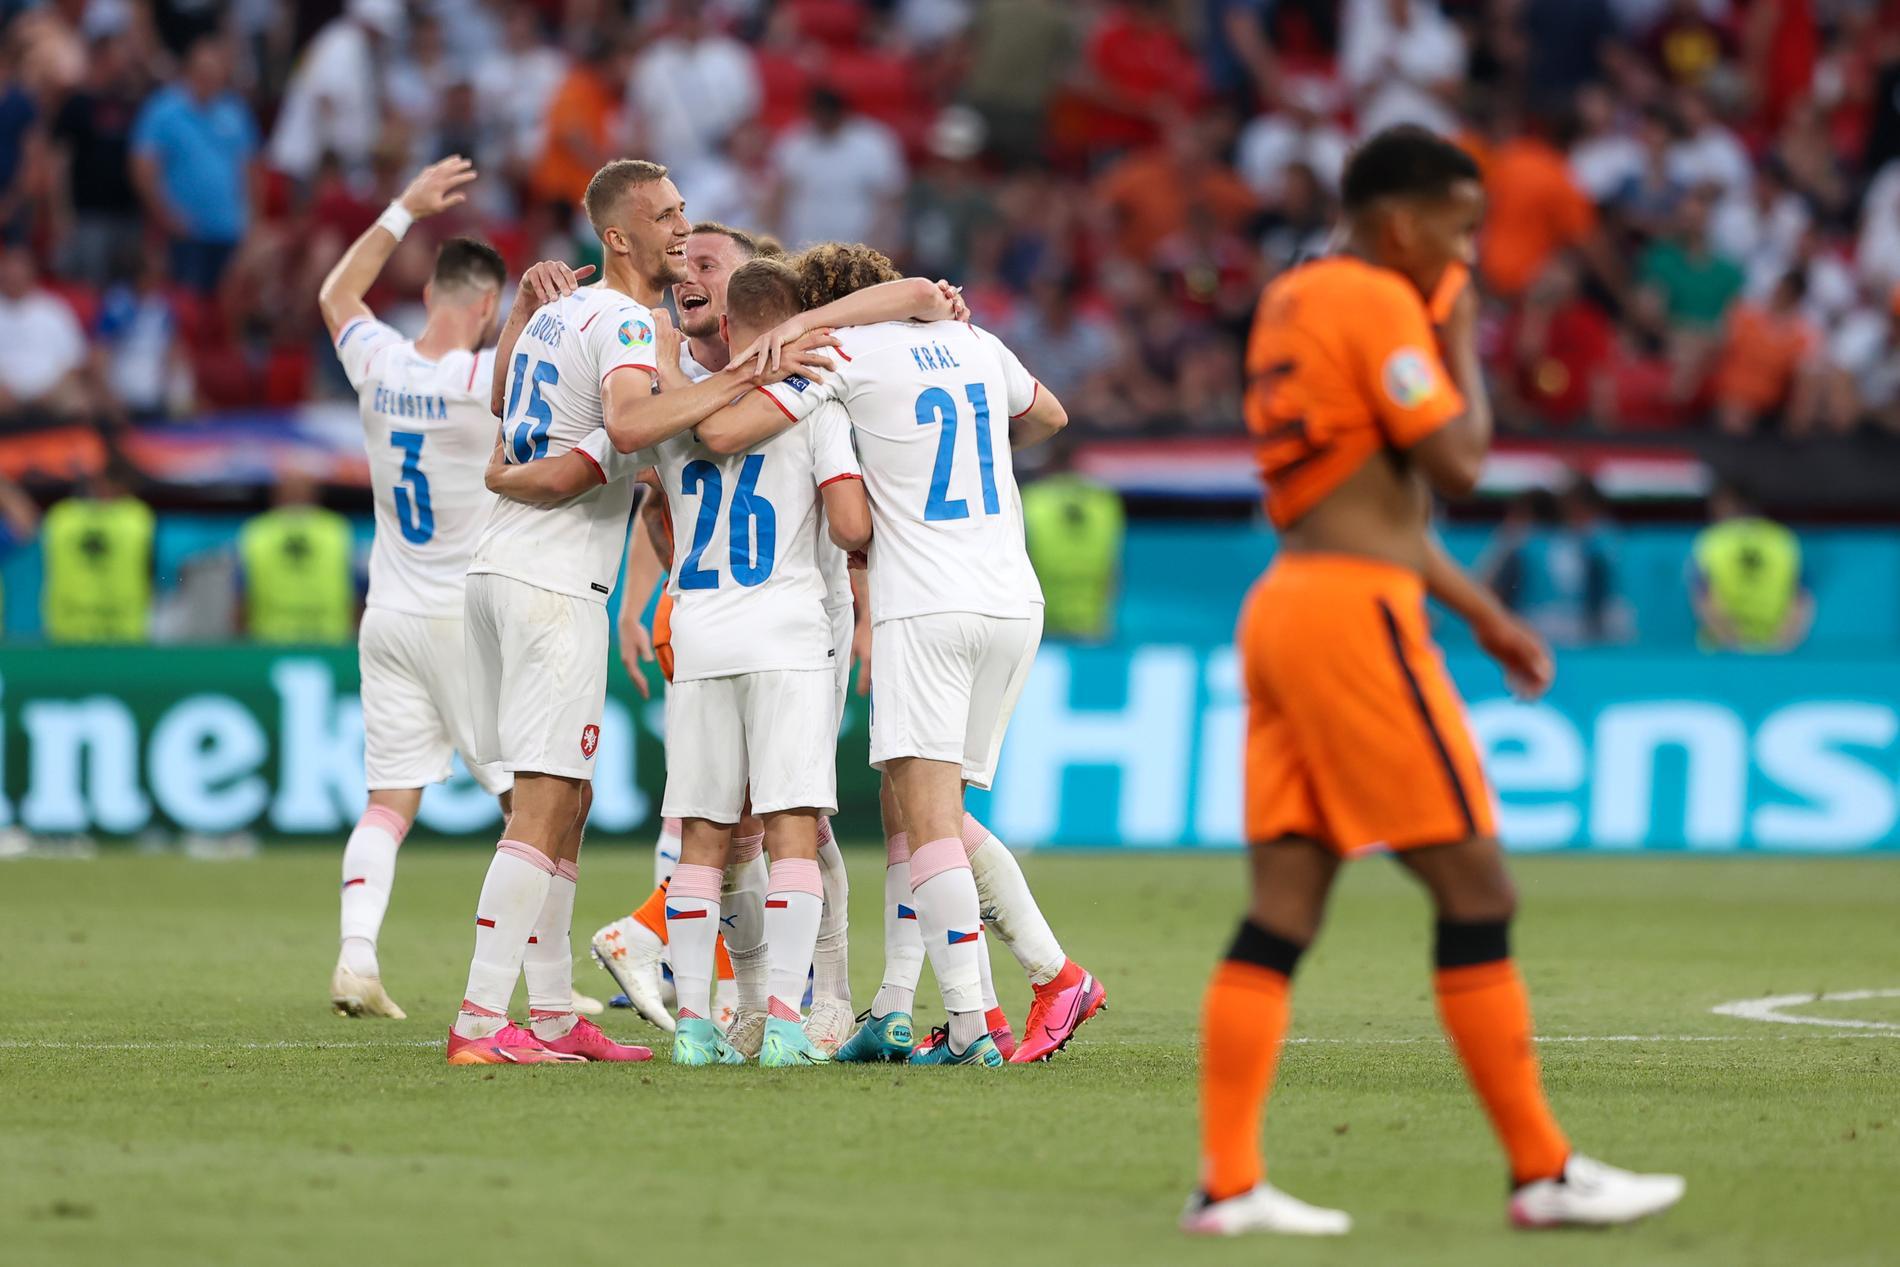 Tjeckien har slagit ut Nederländerna.